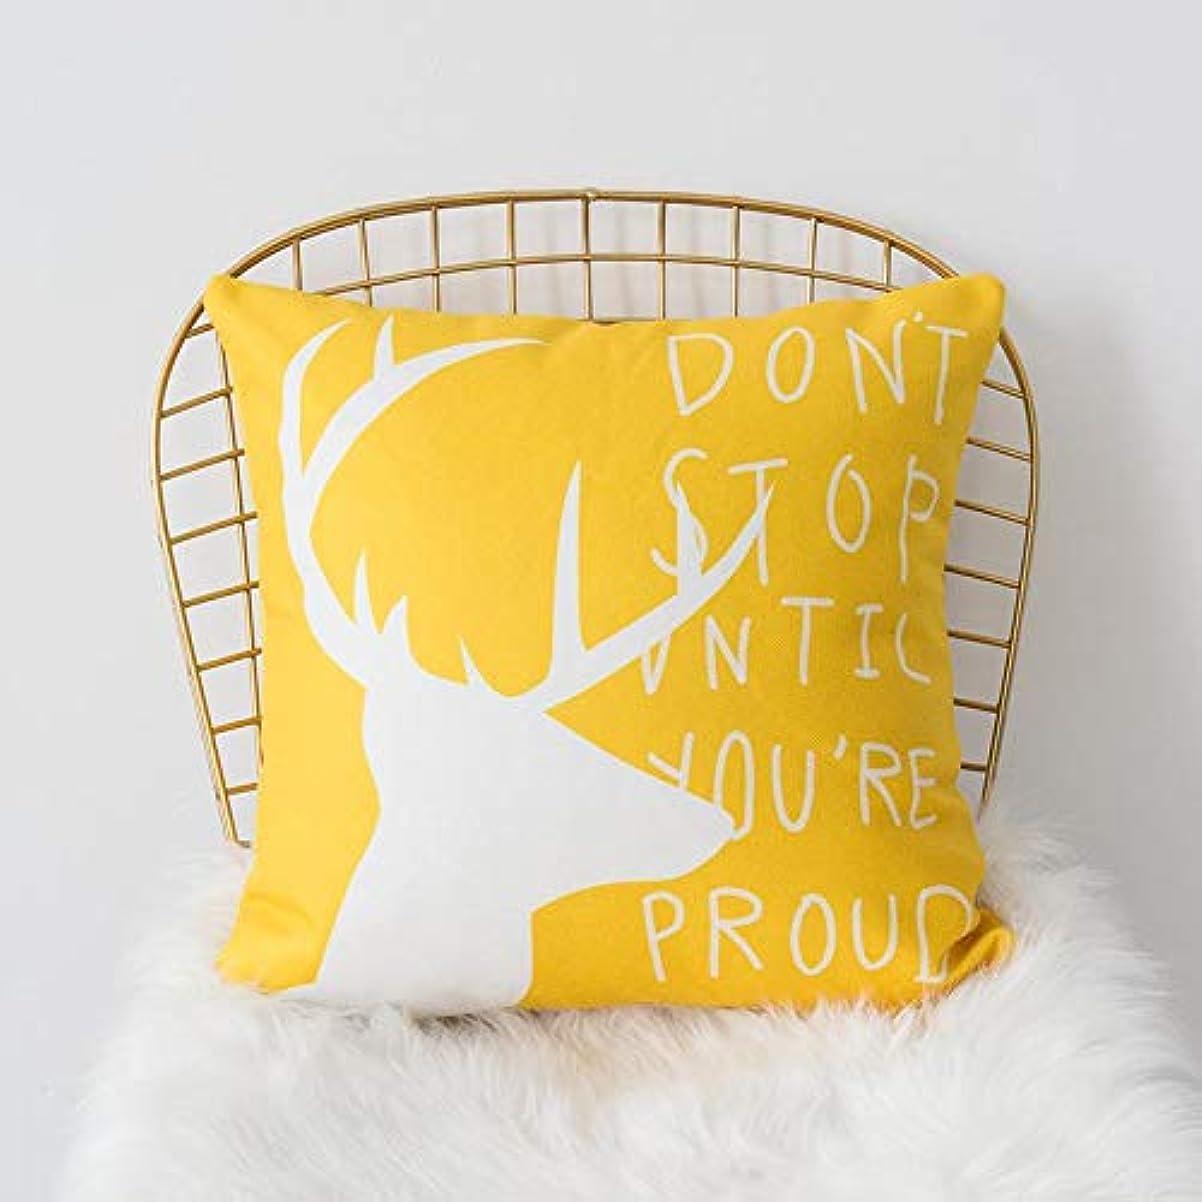 飼料舞い上がる公爵LIFE 黄色グレー枕北欧スタイル黄色ヘラジカ幾何枕リビングルームのインテリアソファクッション Cojines 装飾良質 クッション 椅子